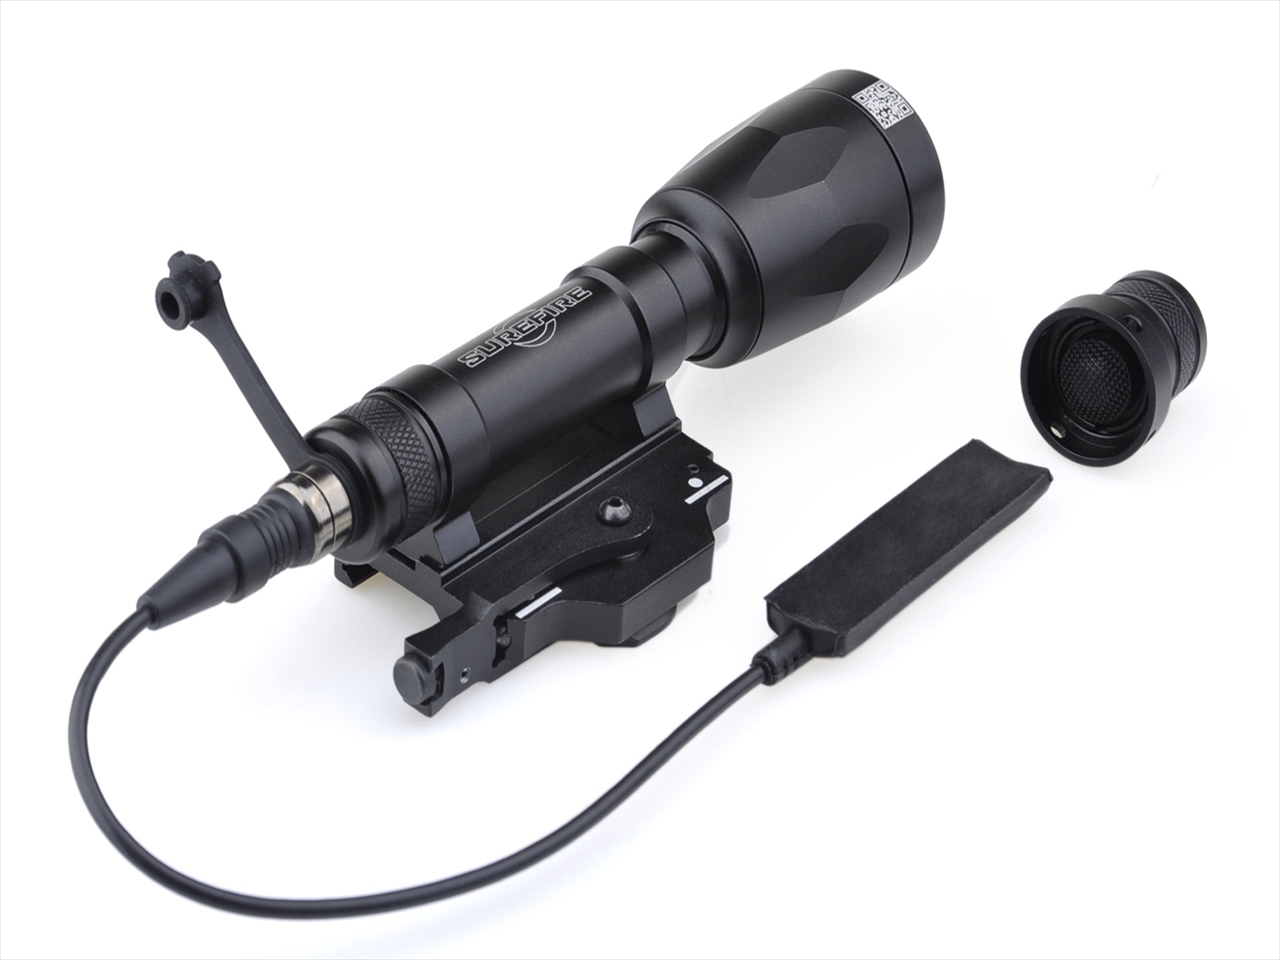 【年末セール 20%OFF 12/26 12時まで】Element SF M620P LED スカウトライト フルバージョン EX363 BK サバイバルゲーム ライト サバゲー アウトドア 防災